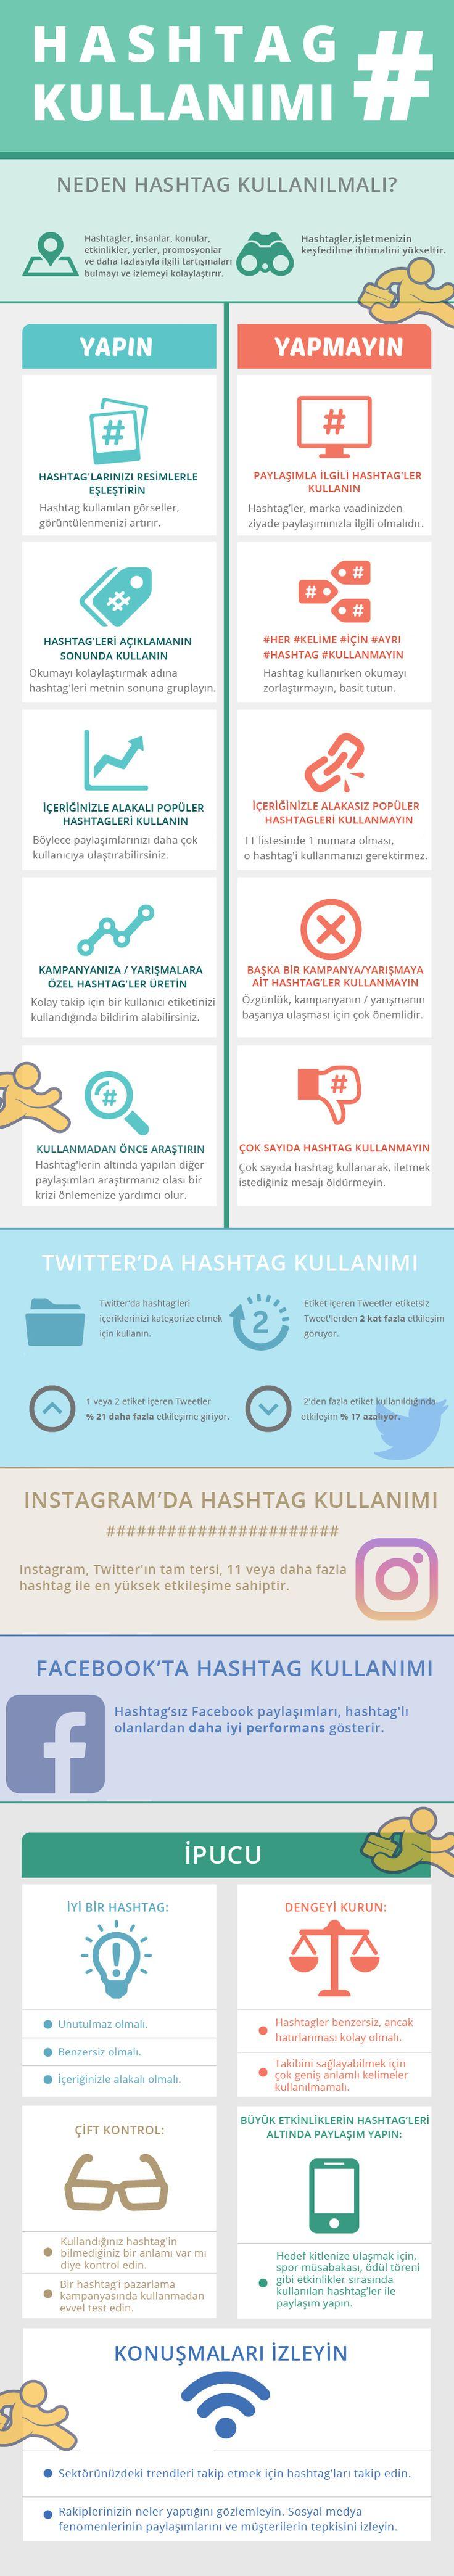 osyal Medyada Hashtag Kullanımı  Instagram ve Twitter'da yaptığınız paylaşımların ilgili başlıklar altına girmesini sağlayan ve doğru kullanıcılara ulaşarak hedef kitlenizin büyümesine yardımcı olan hashtaglerin kullanımıyla ilgili ipuçlarını paylaştığımız blog yazısını okuyun.